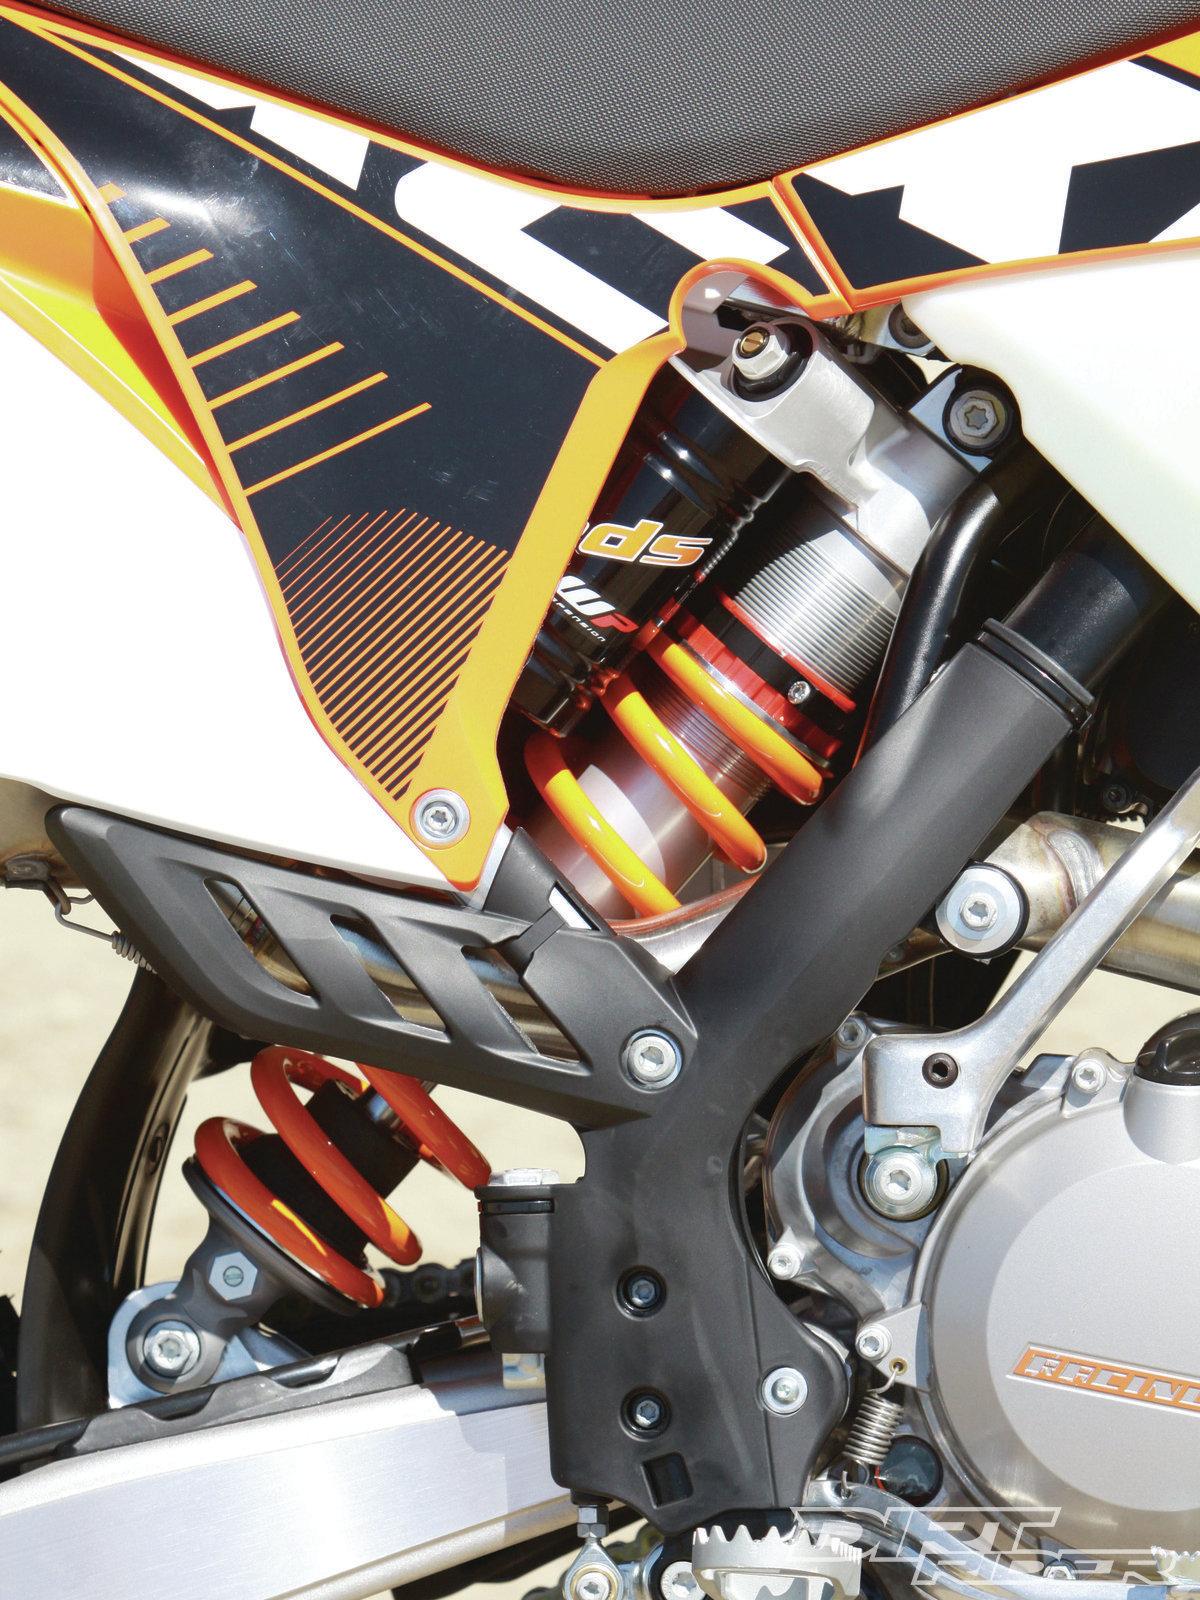 http://4.bp.blogspot.com/-2QhsRn3-maU/TookvXwL5cI/AAAAAAAAB_8/nduQrlCIj8s/s1600/2012+KTM+450+XC-W+-+First+Test+engine-zoom.jpg